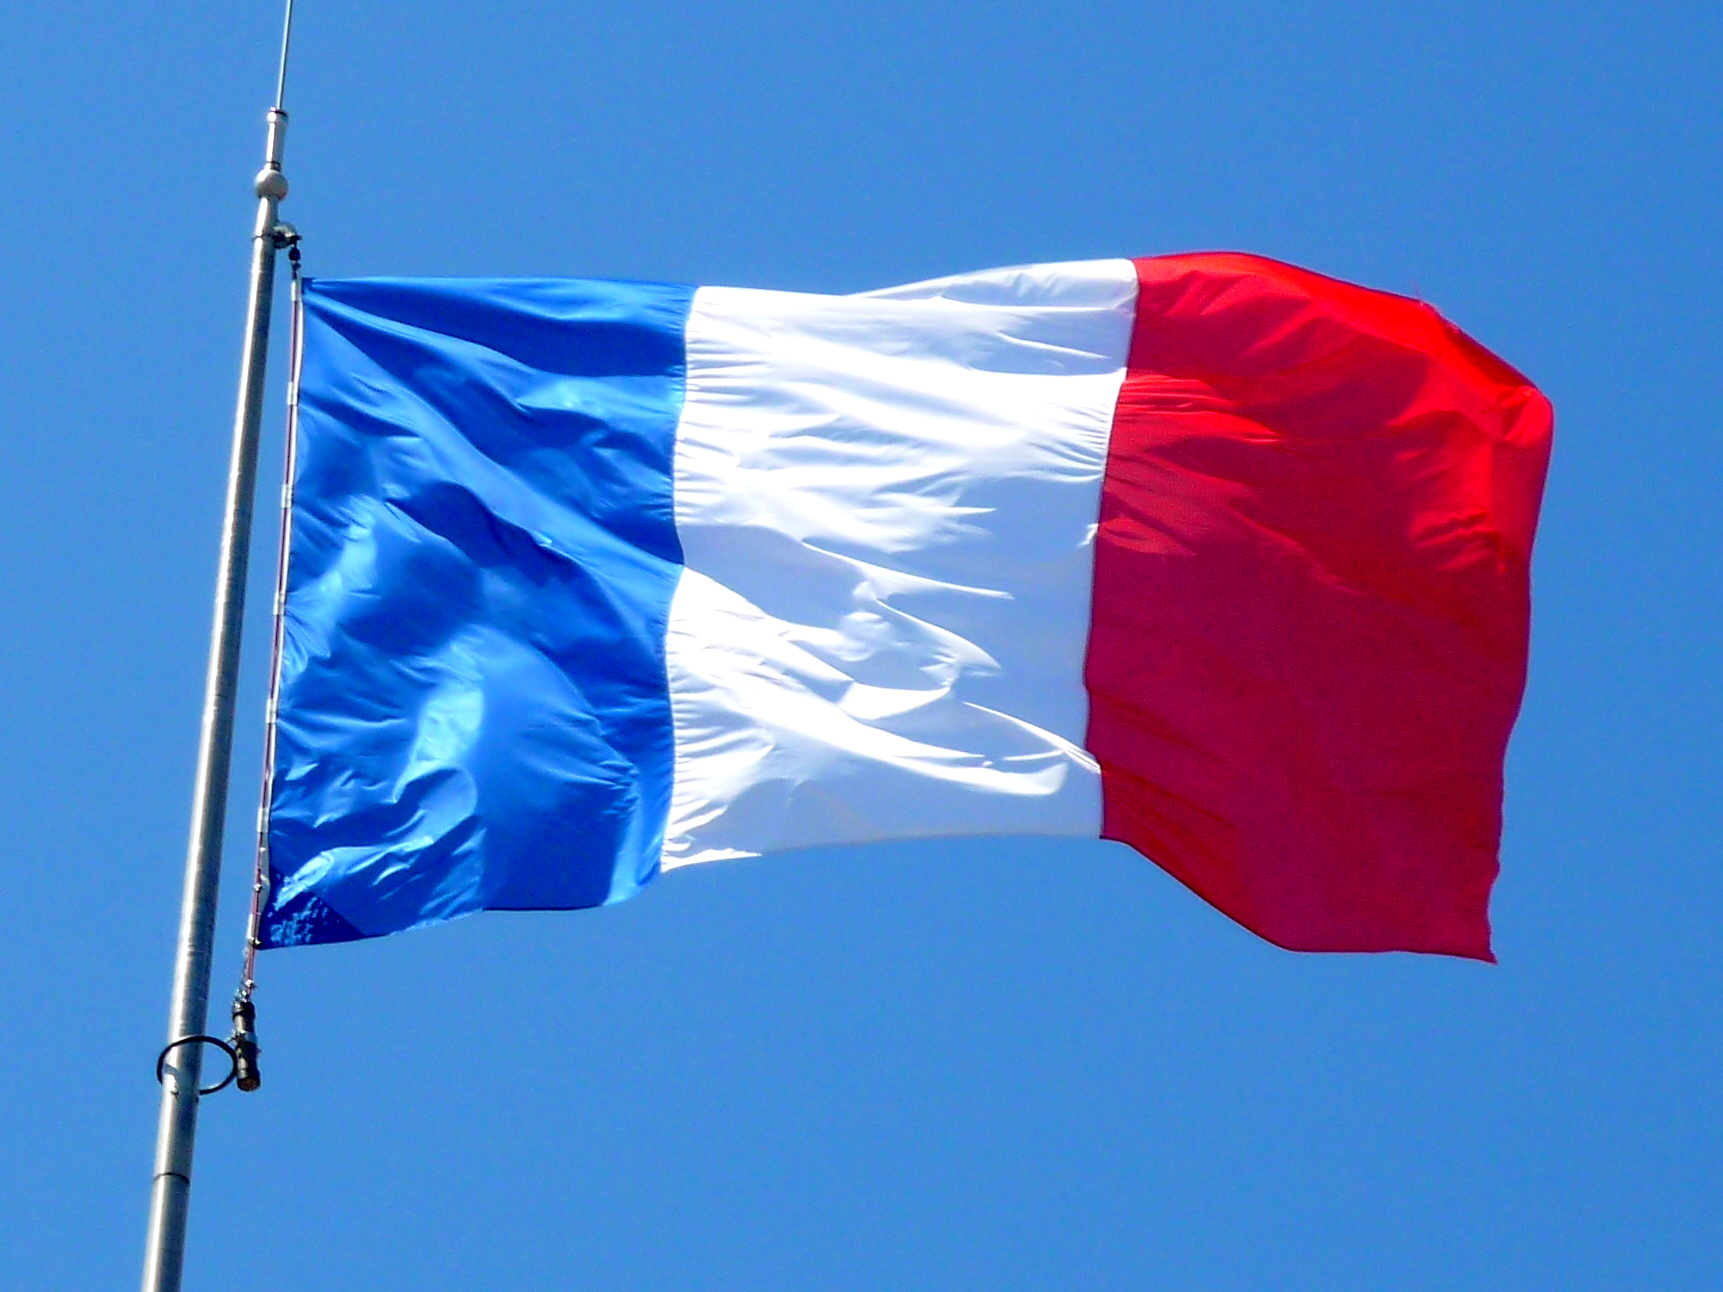 فرنسا: معدل البطالة ينخفض لأدنى مستوياته منذ 10 سنوات